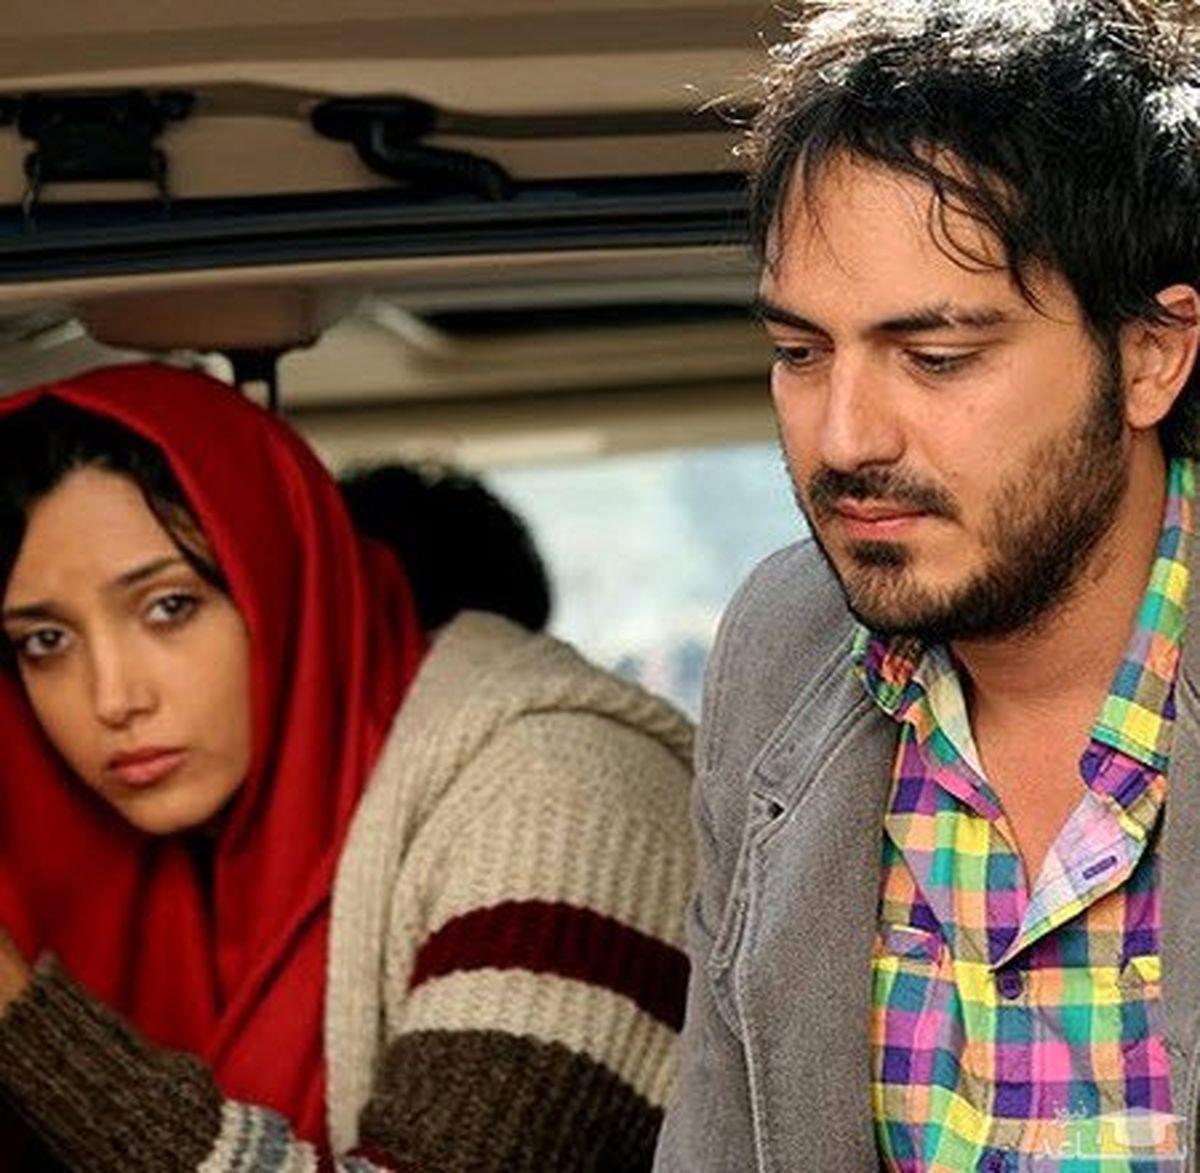 زندگی عجیب نیما شاهرخ شاهی و همسرش + عکس